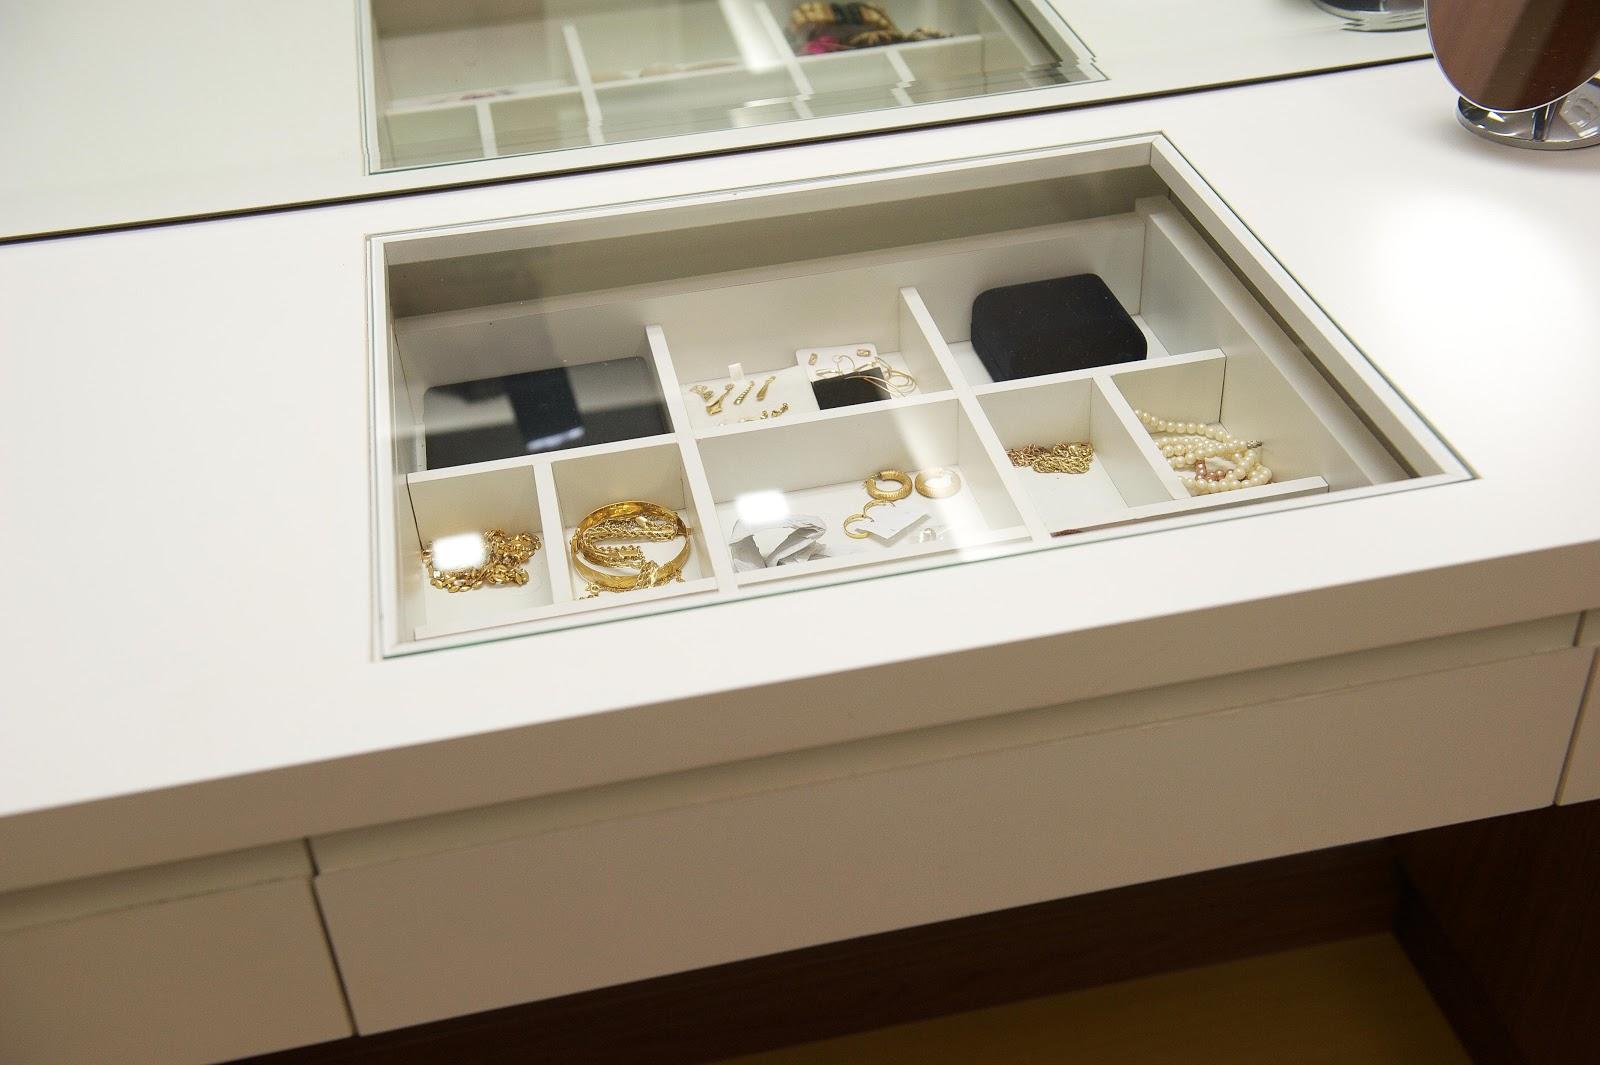 da bancada em vidro permite visualizar as jóias sem abrir a gaveta #27180C 1600x1065